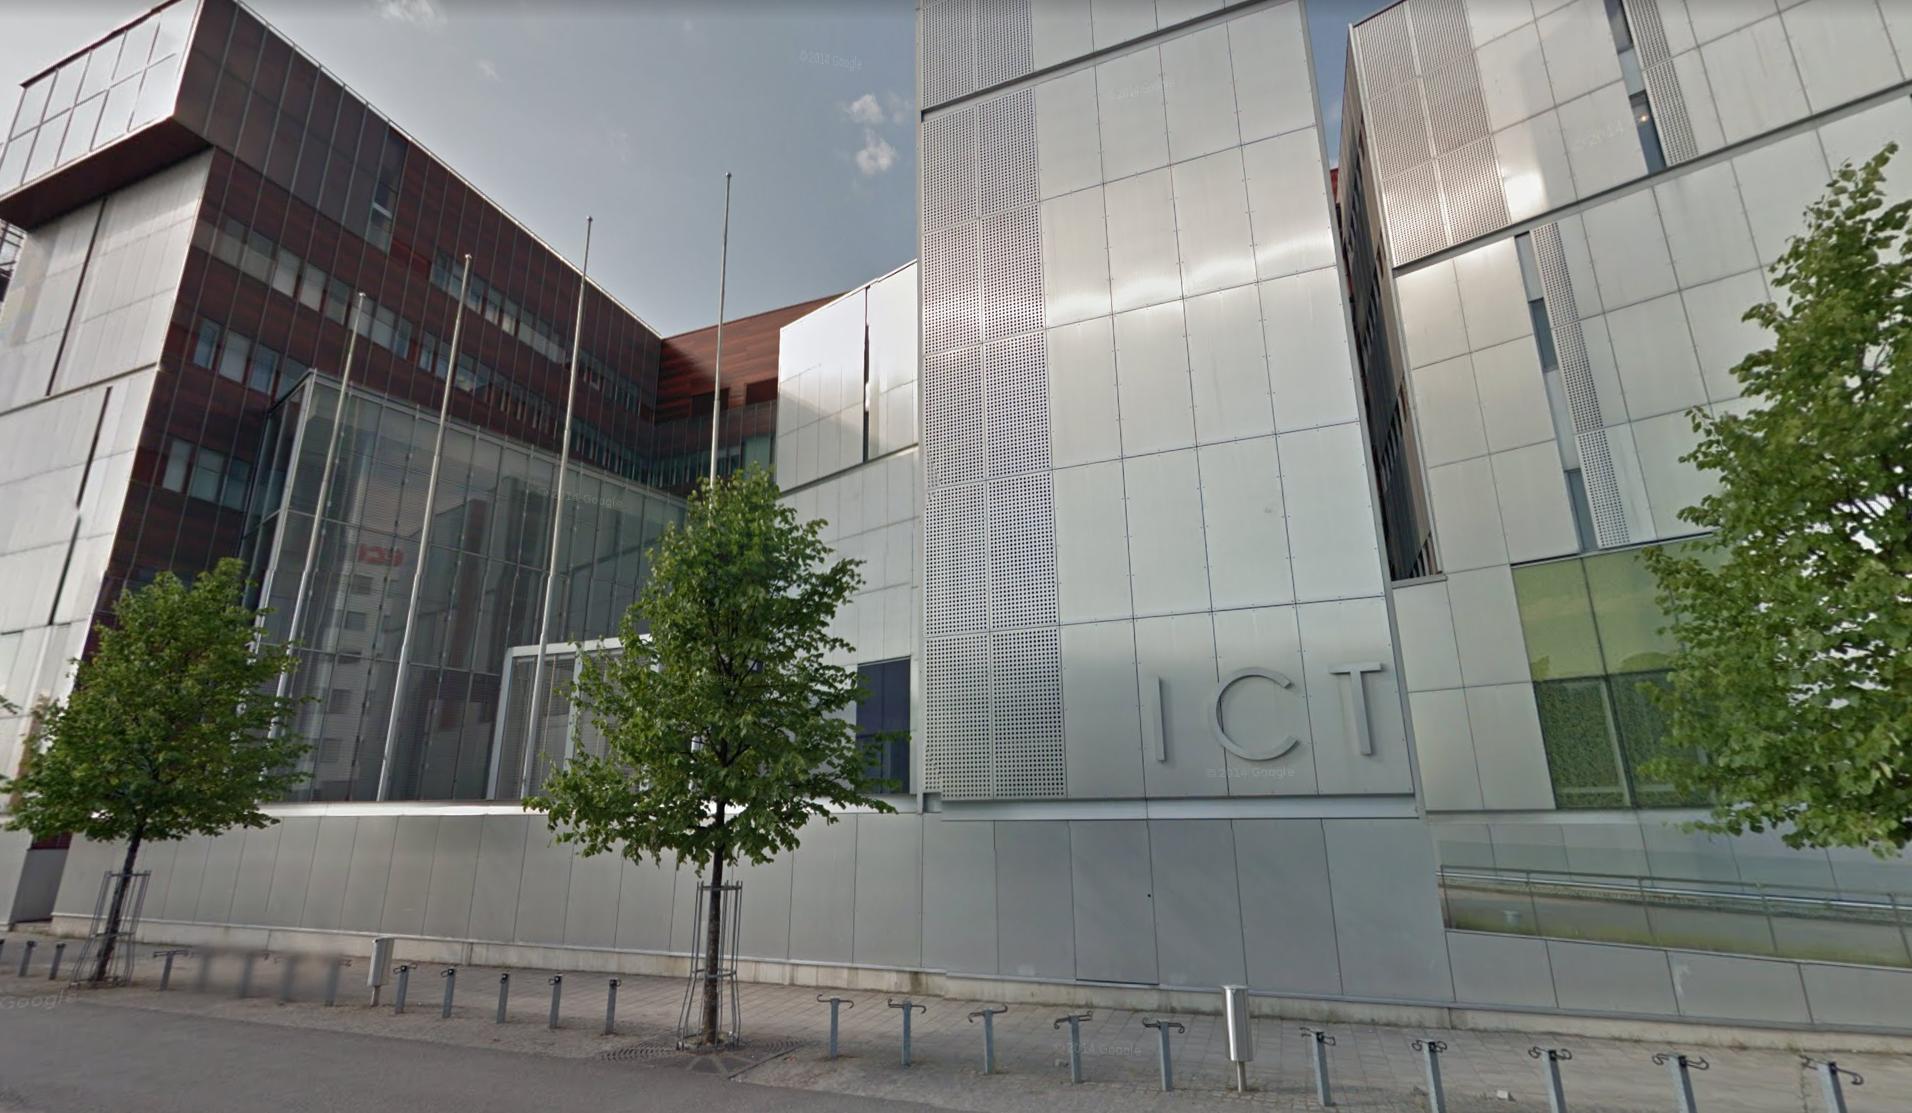 Turun ammattikorkeakoulu, ICT -city, Turku